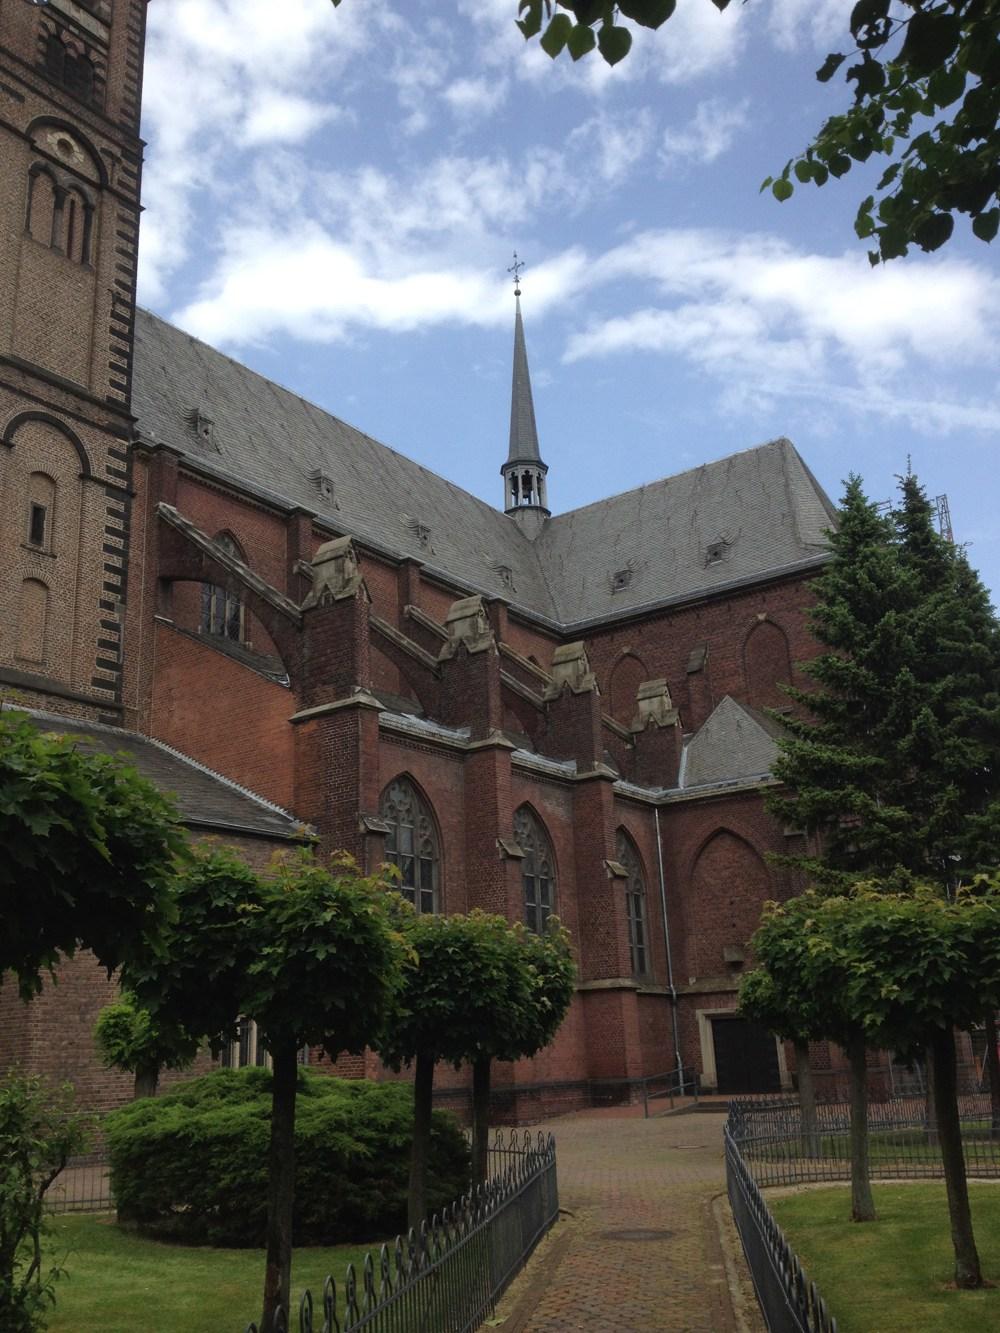 Churches in Kreis Viersen: 21.